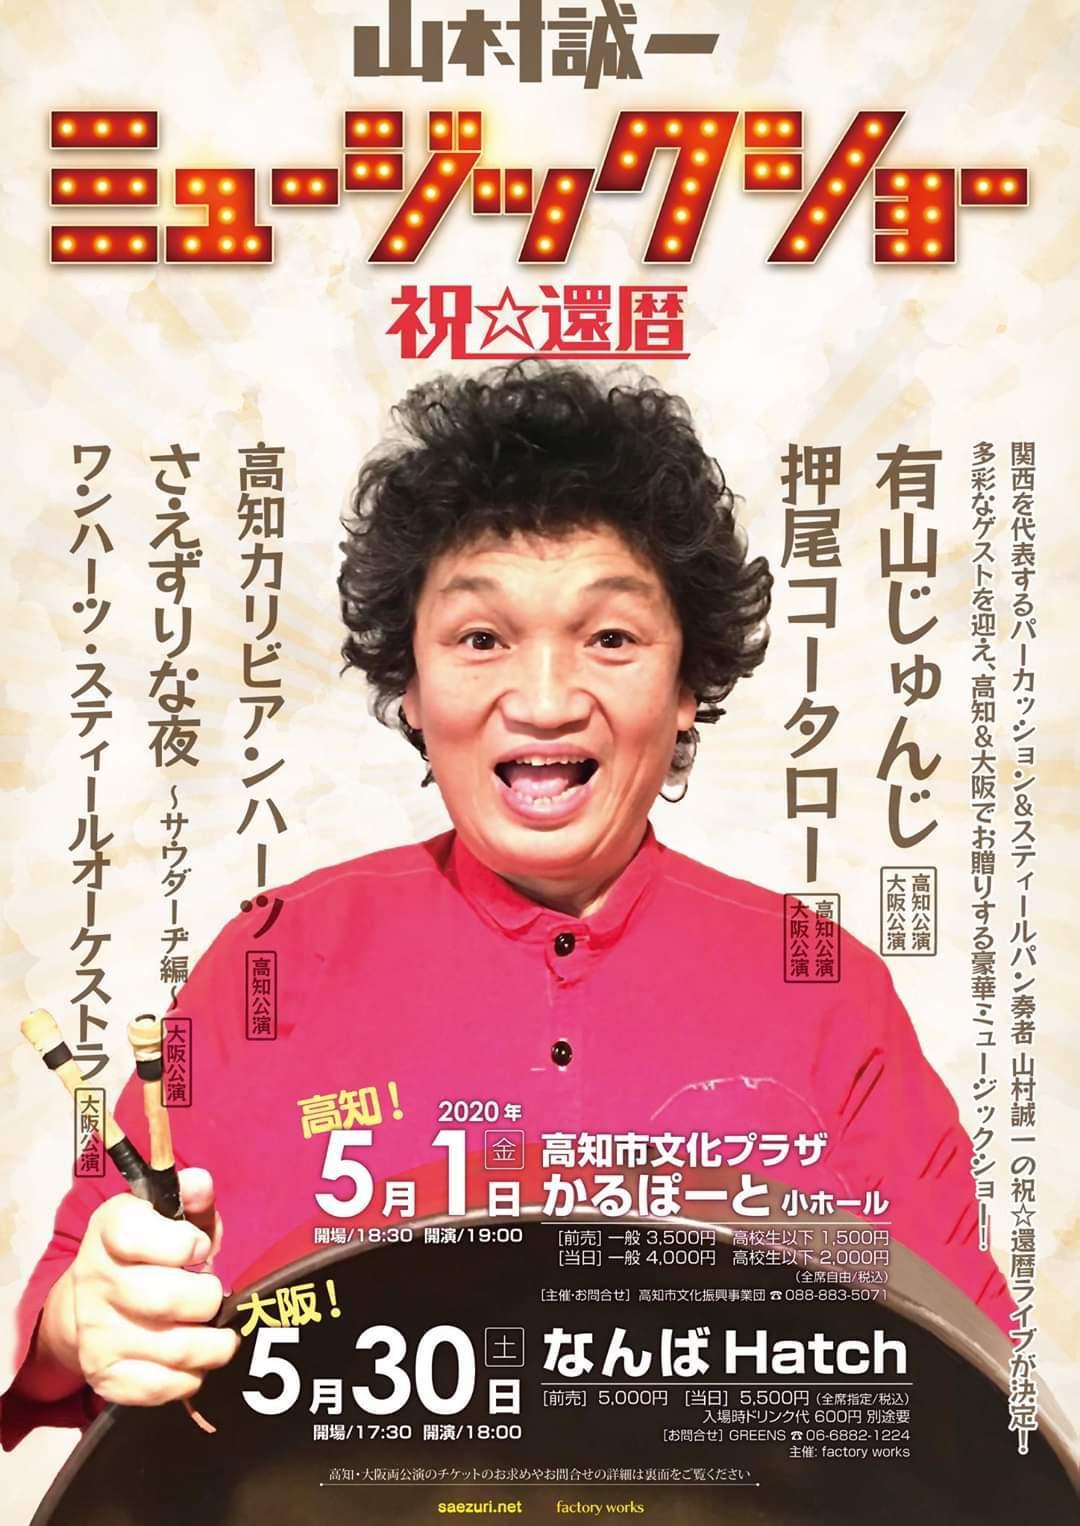 『山村誠一ミュージックショー』のお知らせ_b0248249_22112496.jpg